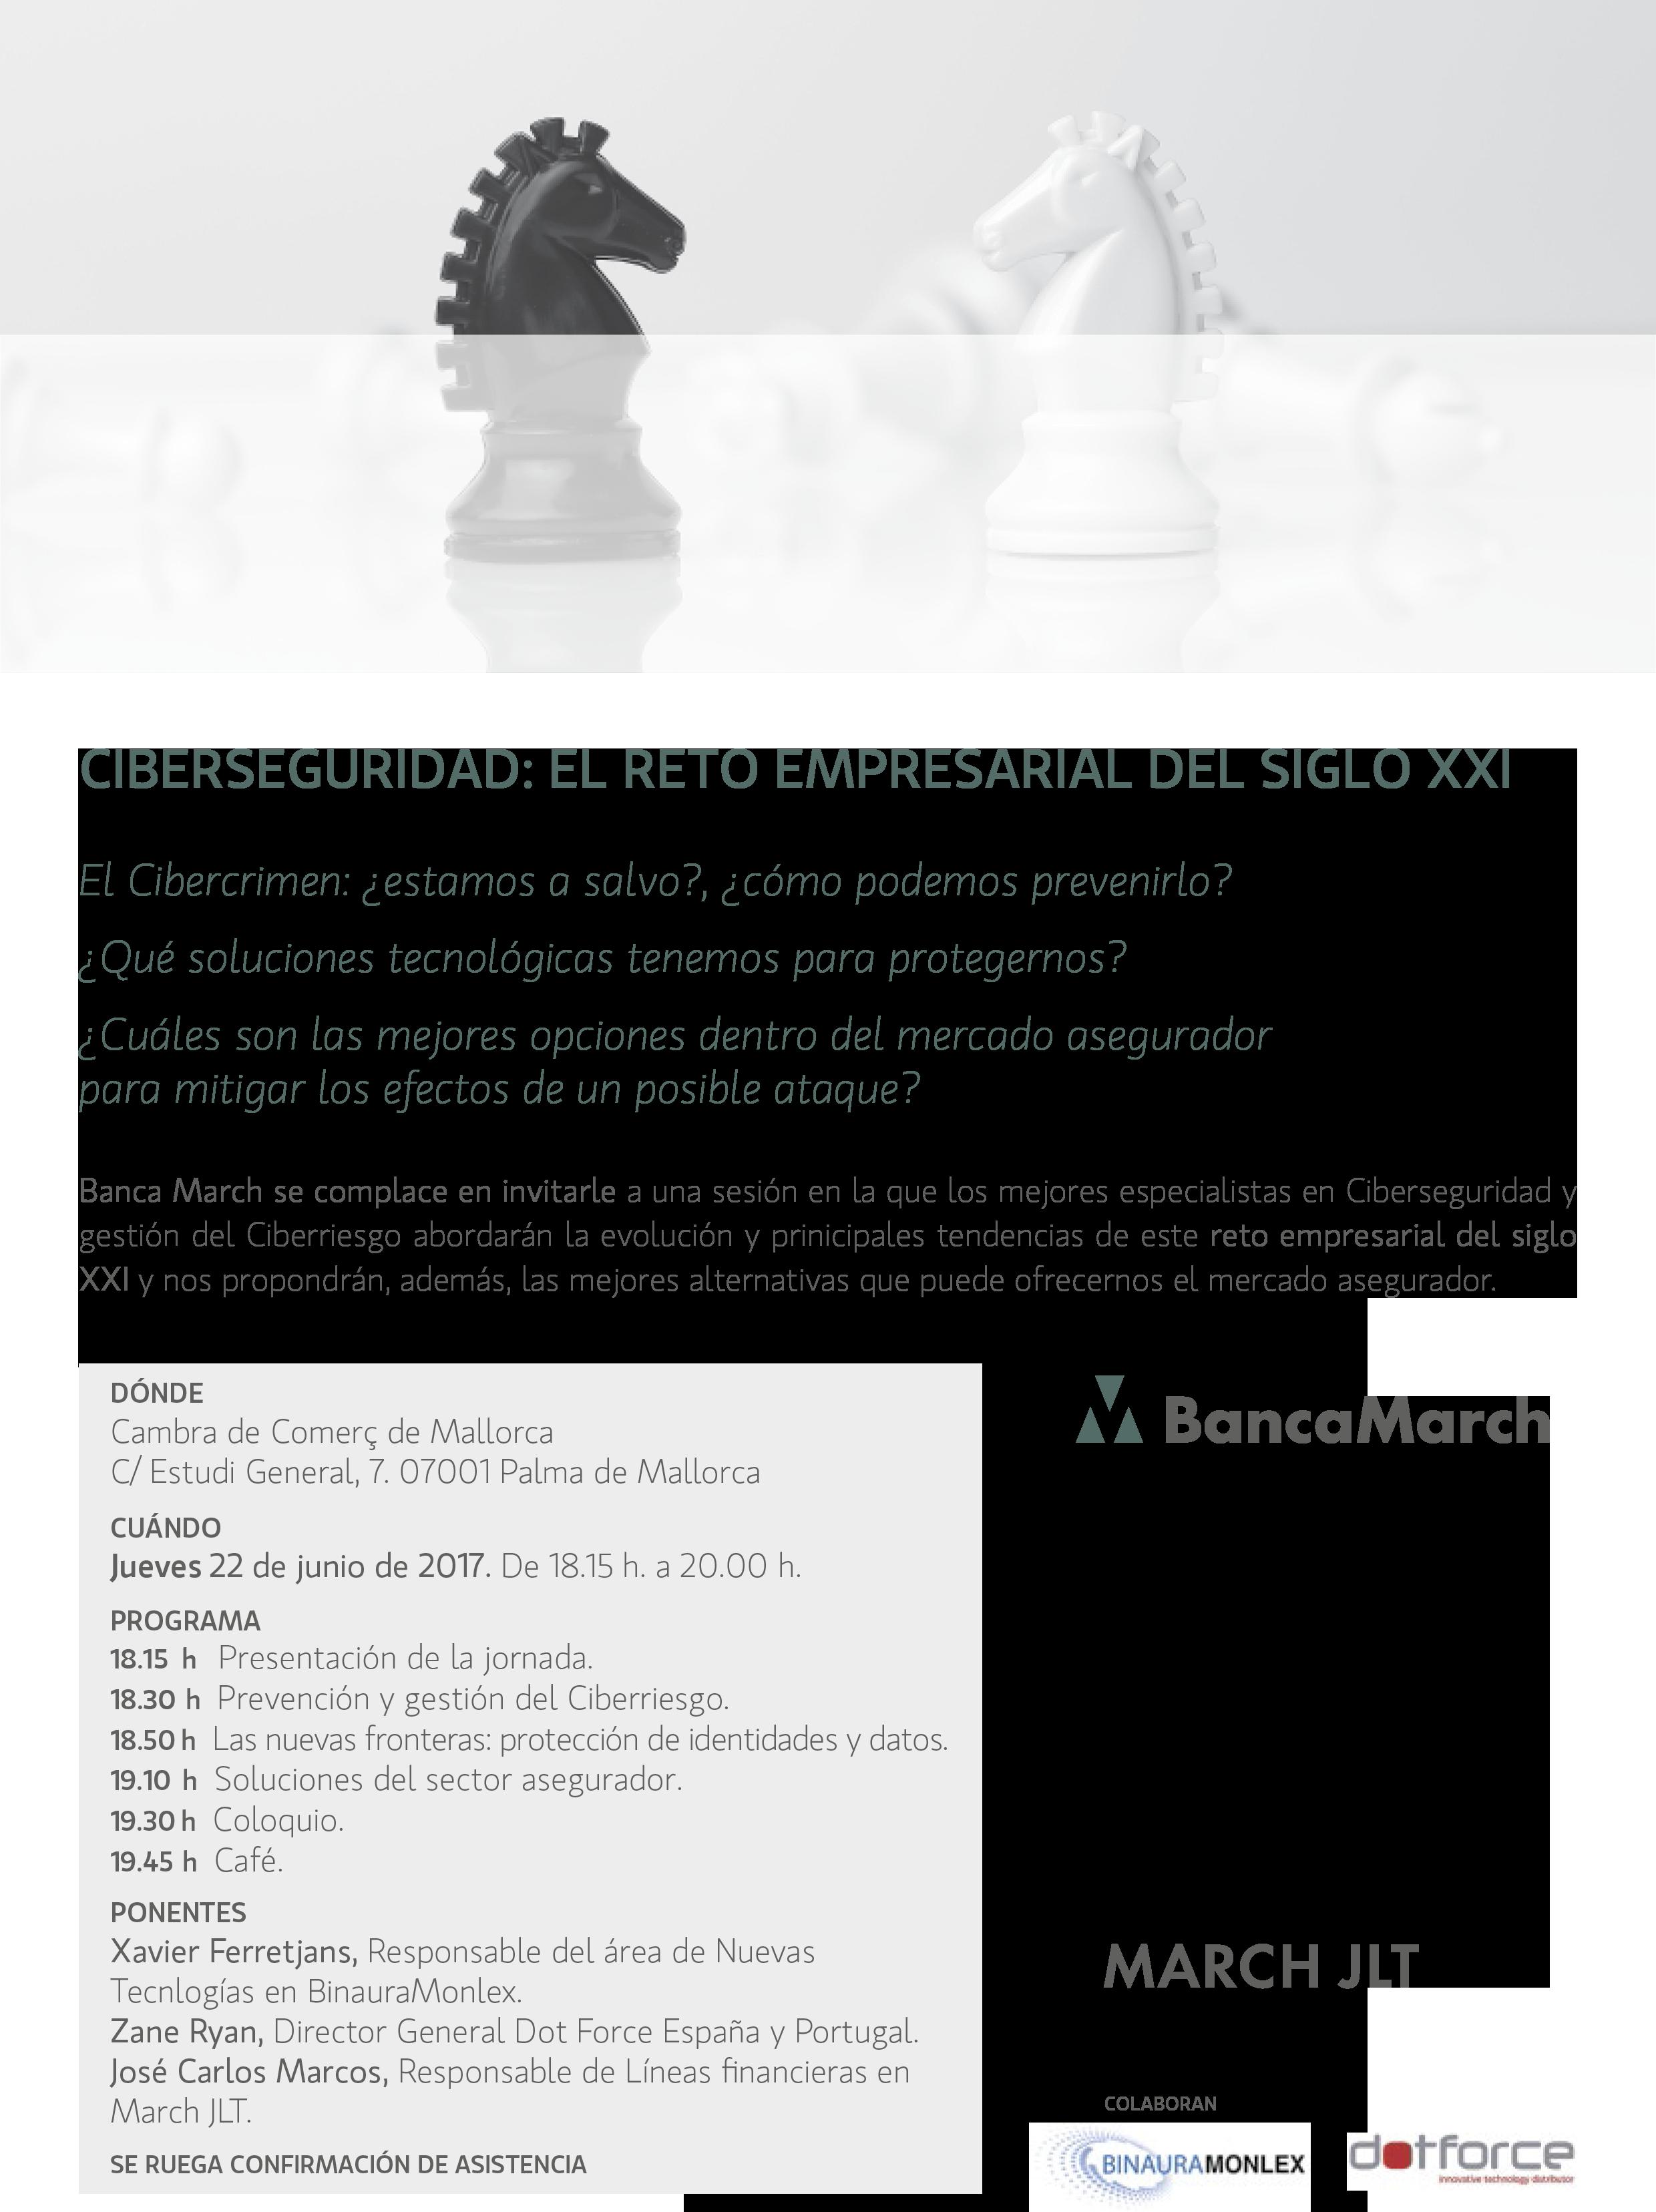 Invitacion ciberseguridad 22062017